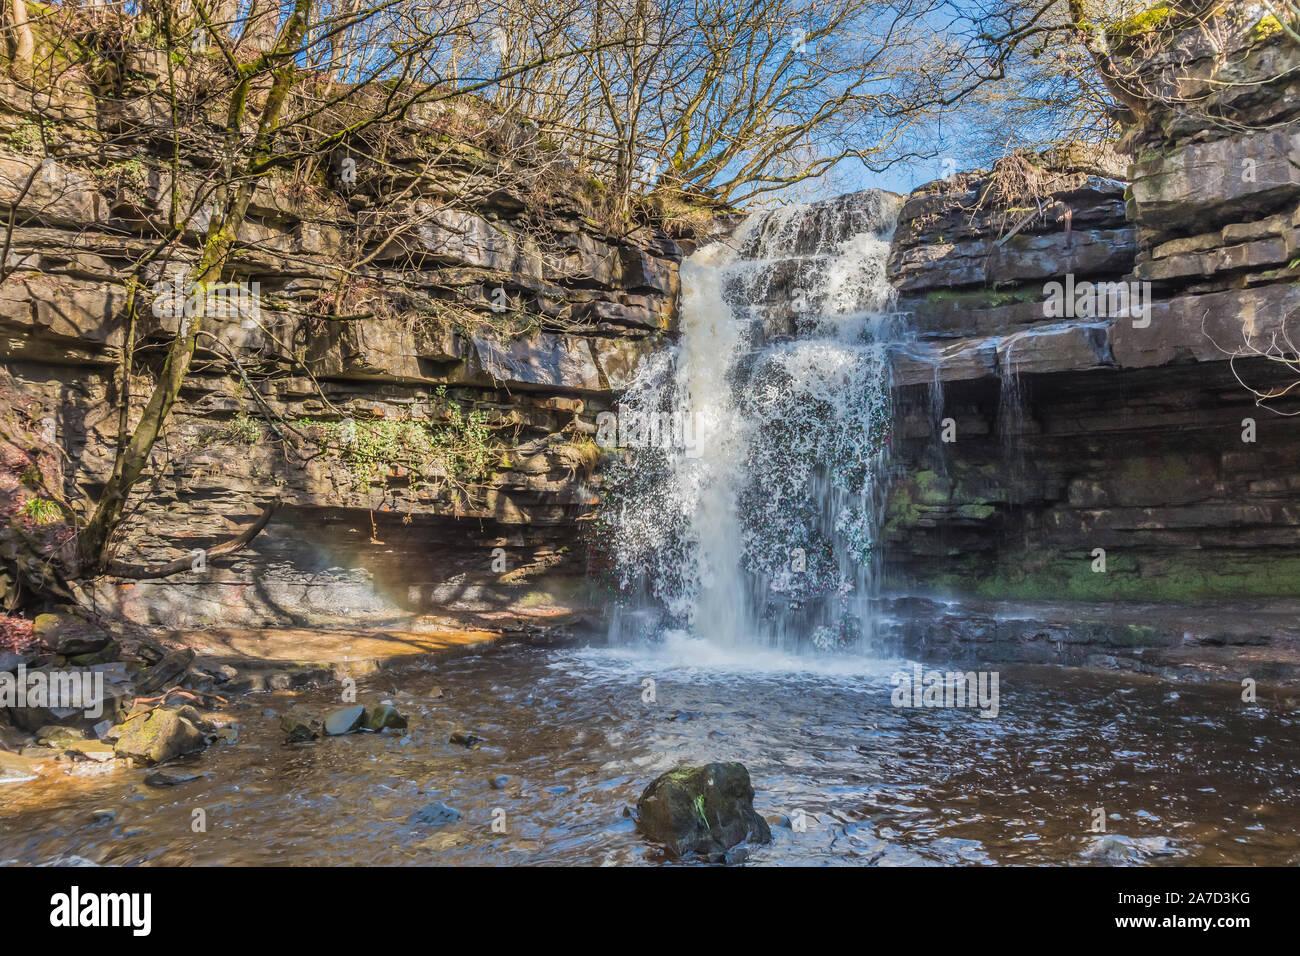 summerhill-force-waterfall-gibsons-cave-bowlees-teesdale-2A7D3KG.jpg